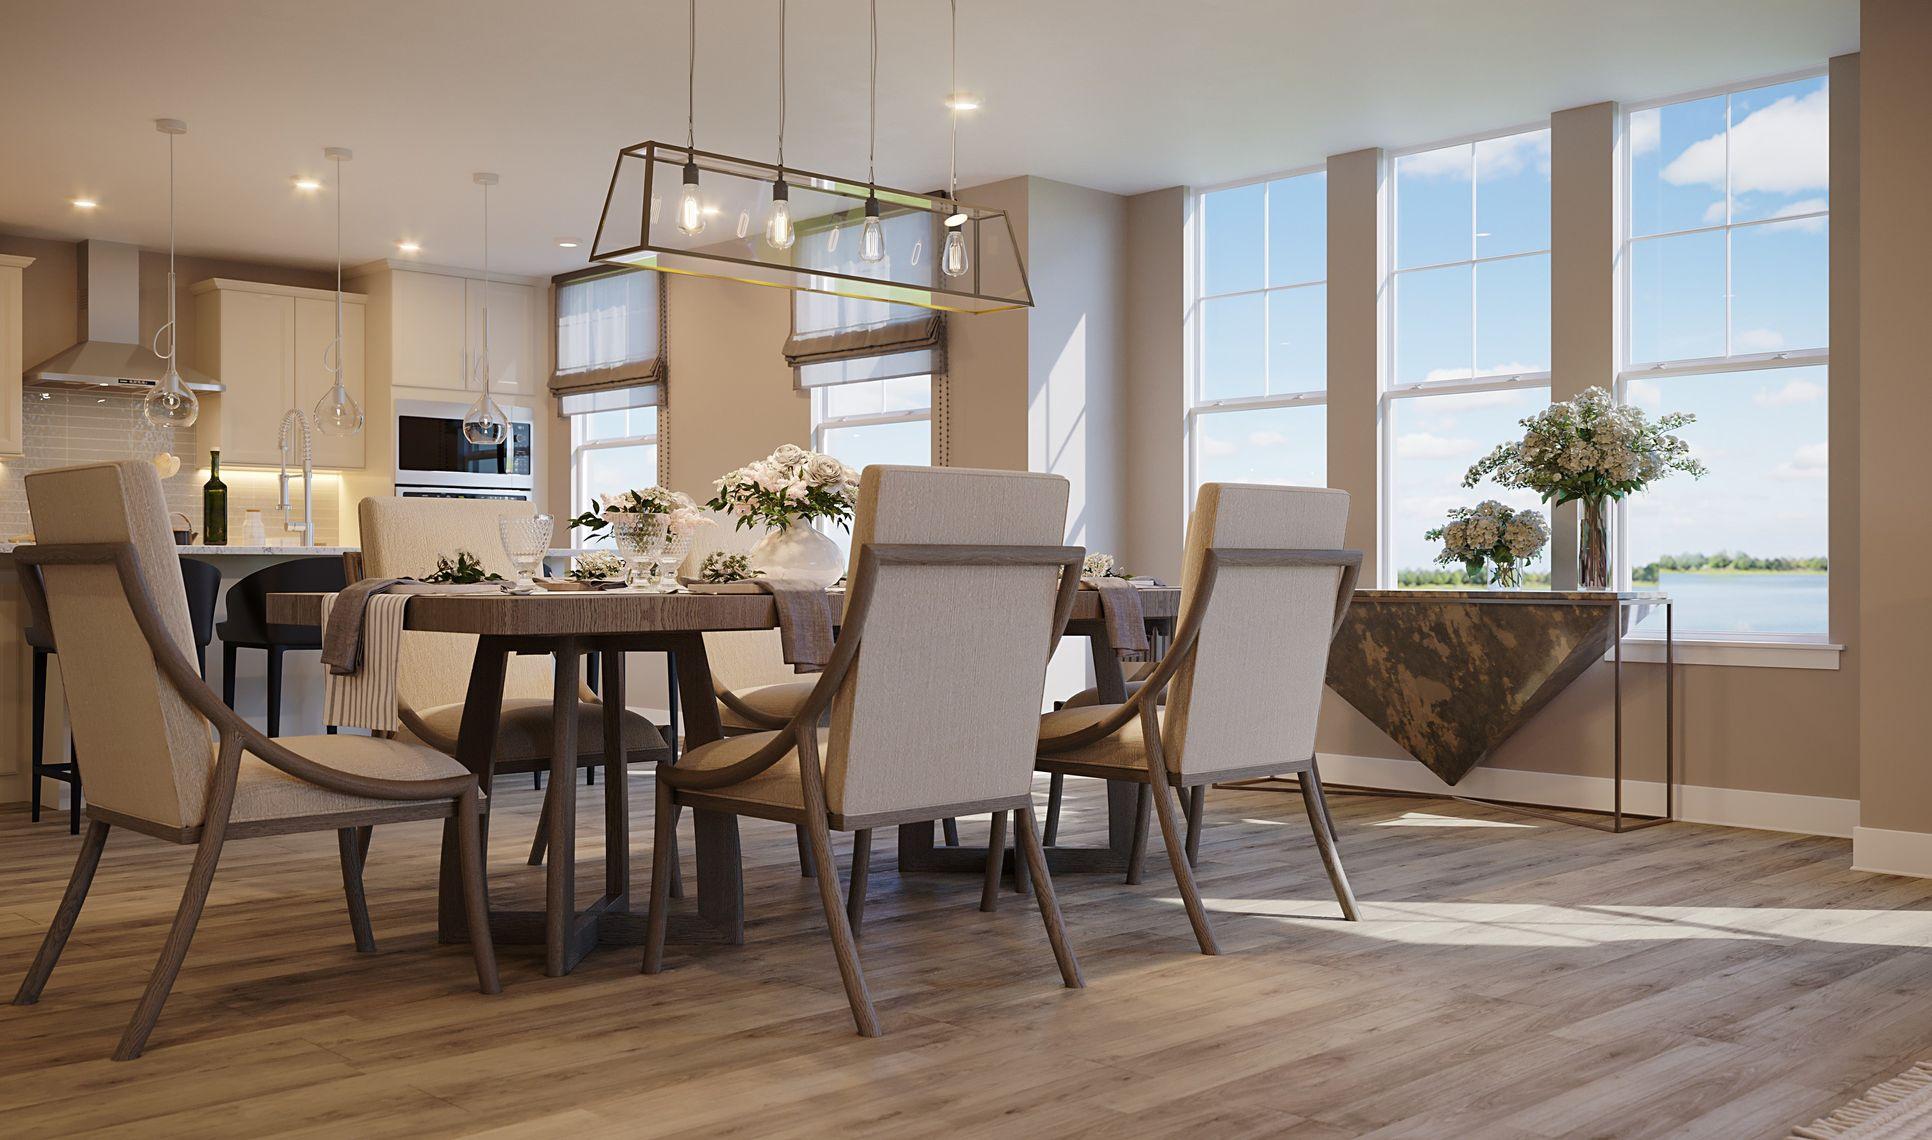 Interior:Elegant dining area